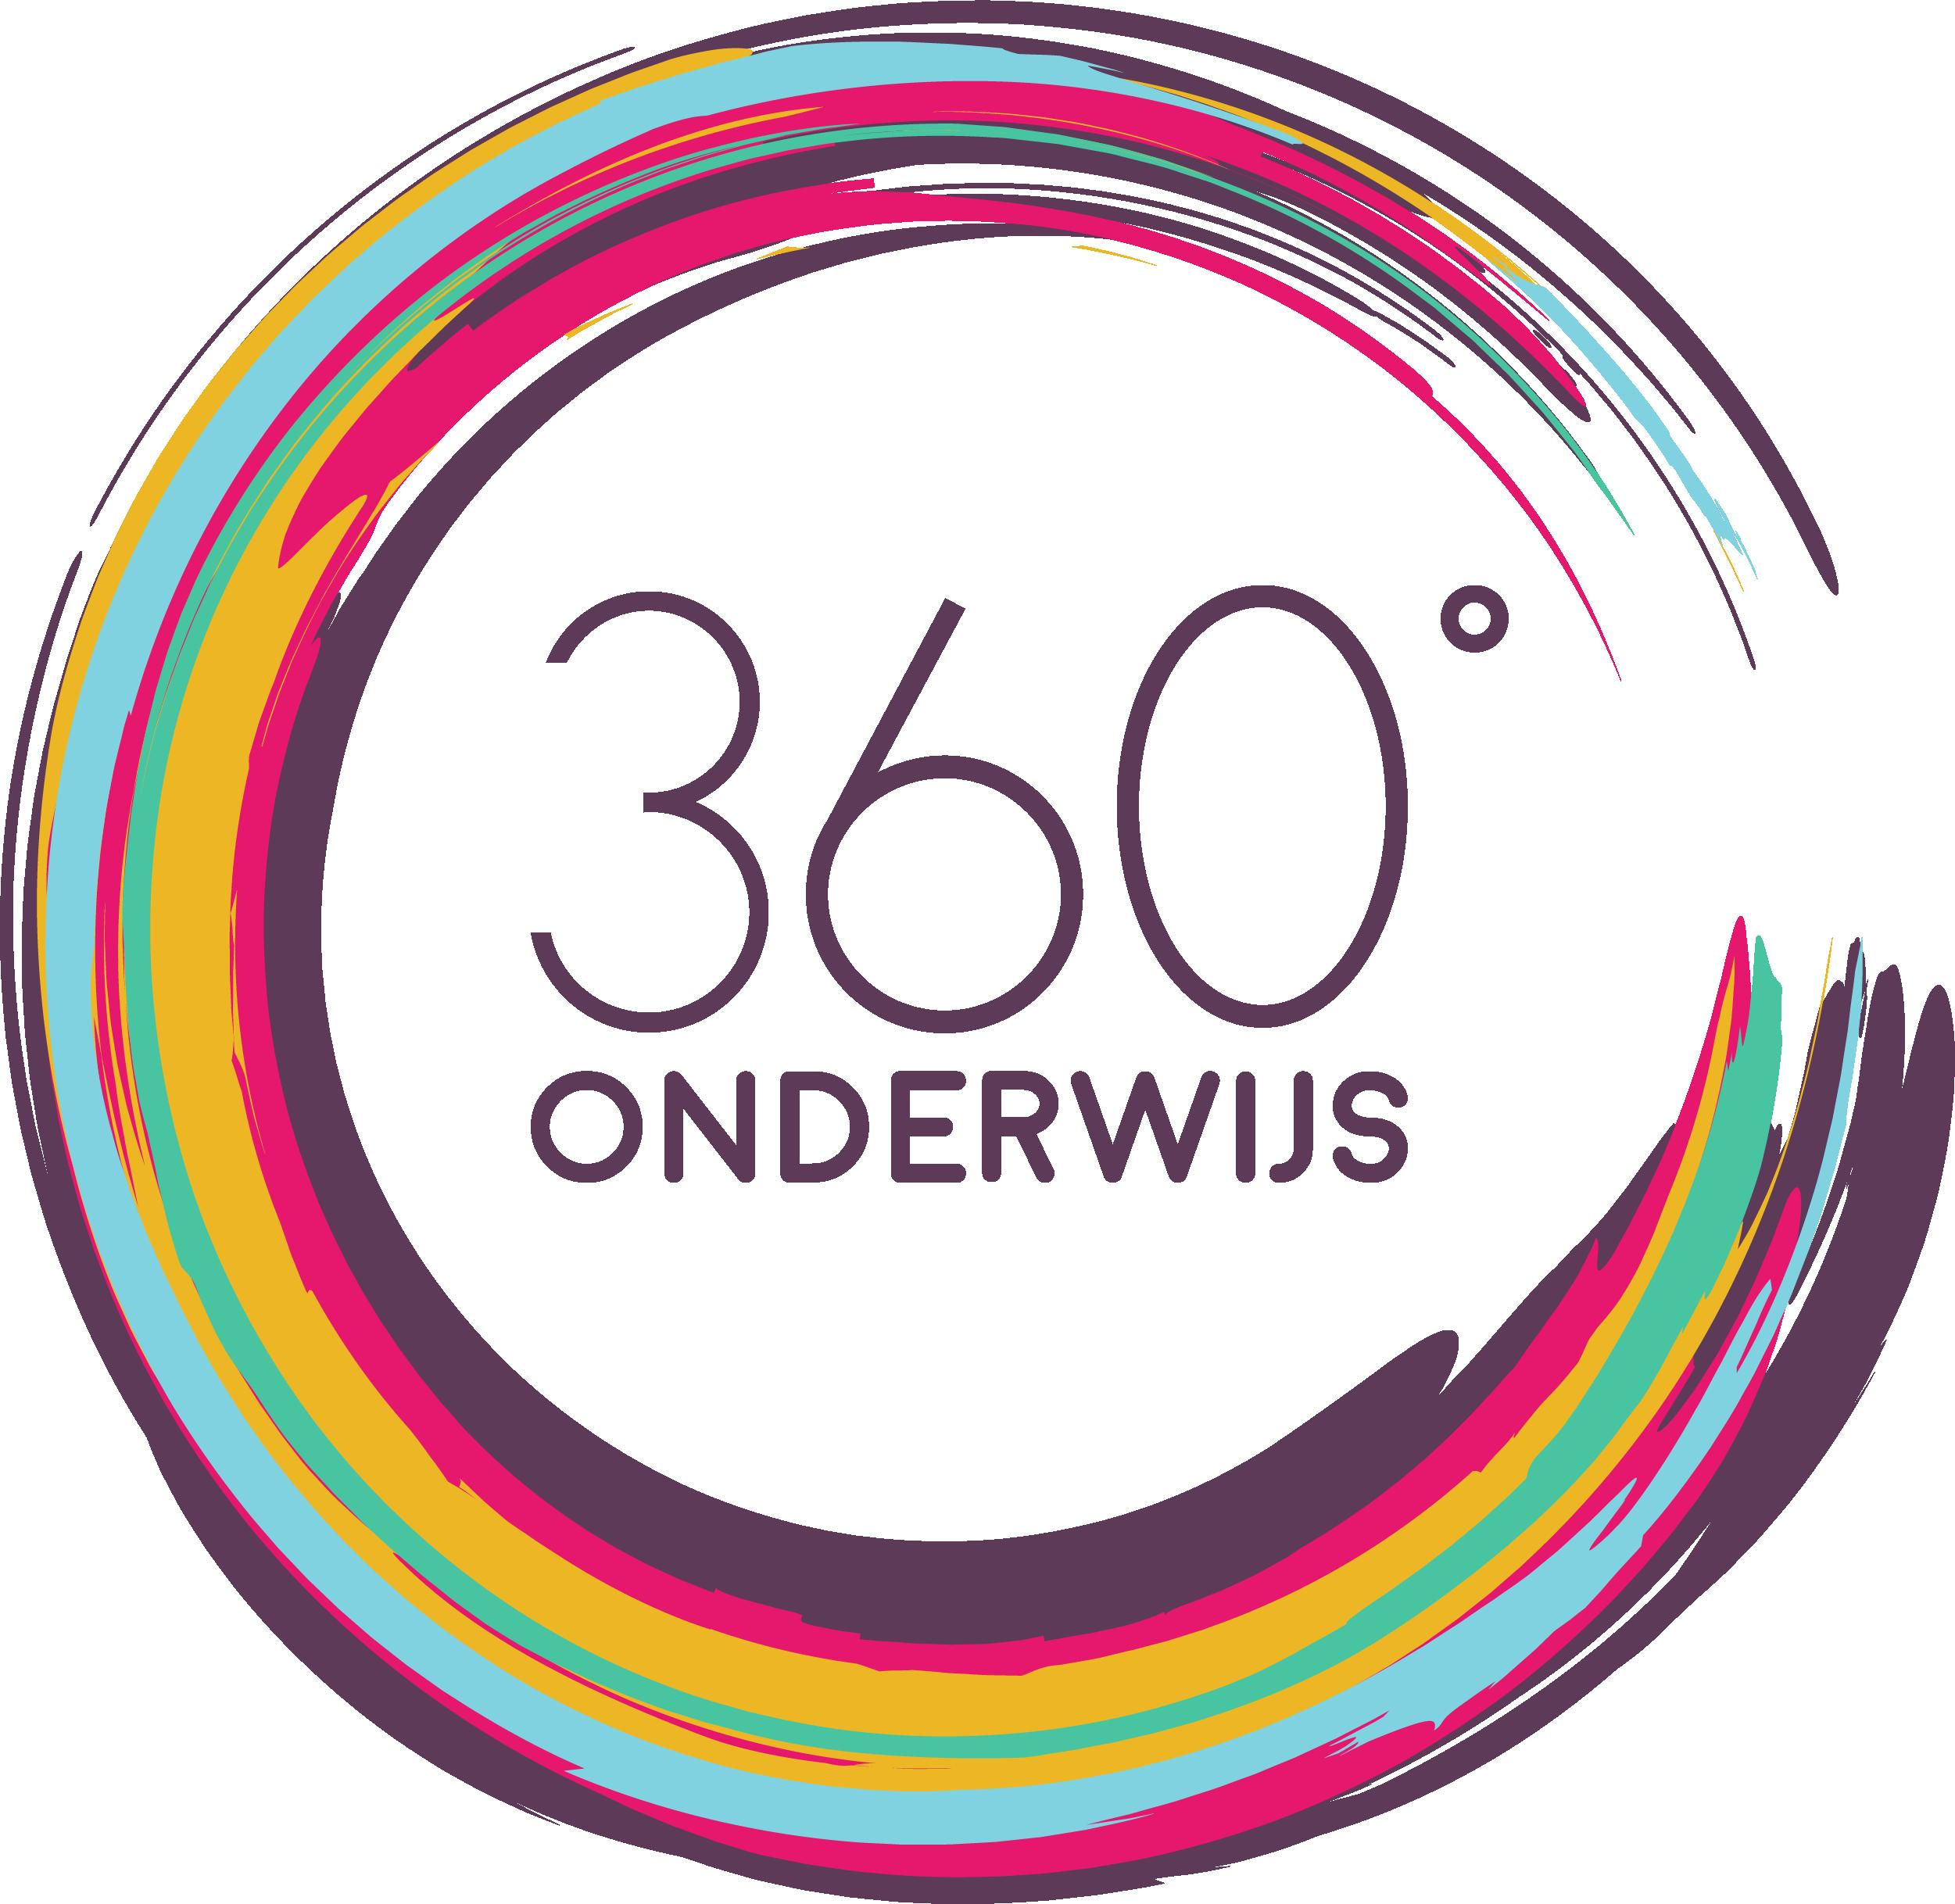 360onderwijs